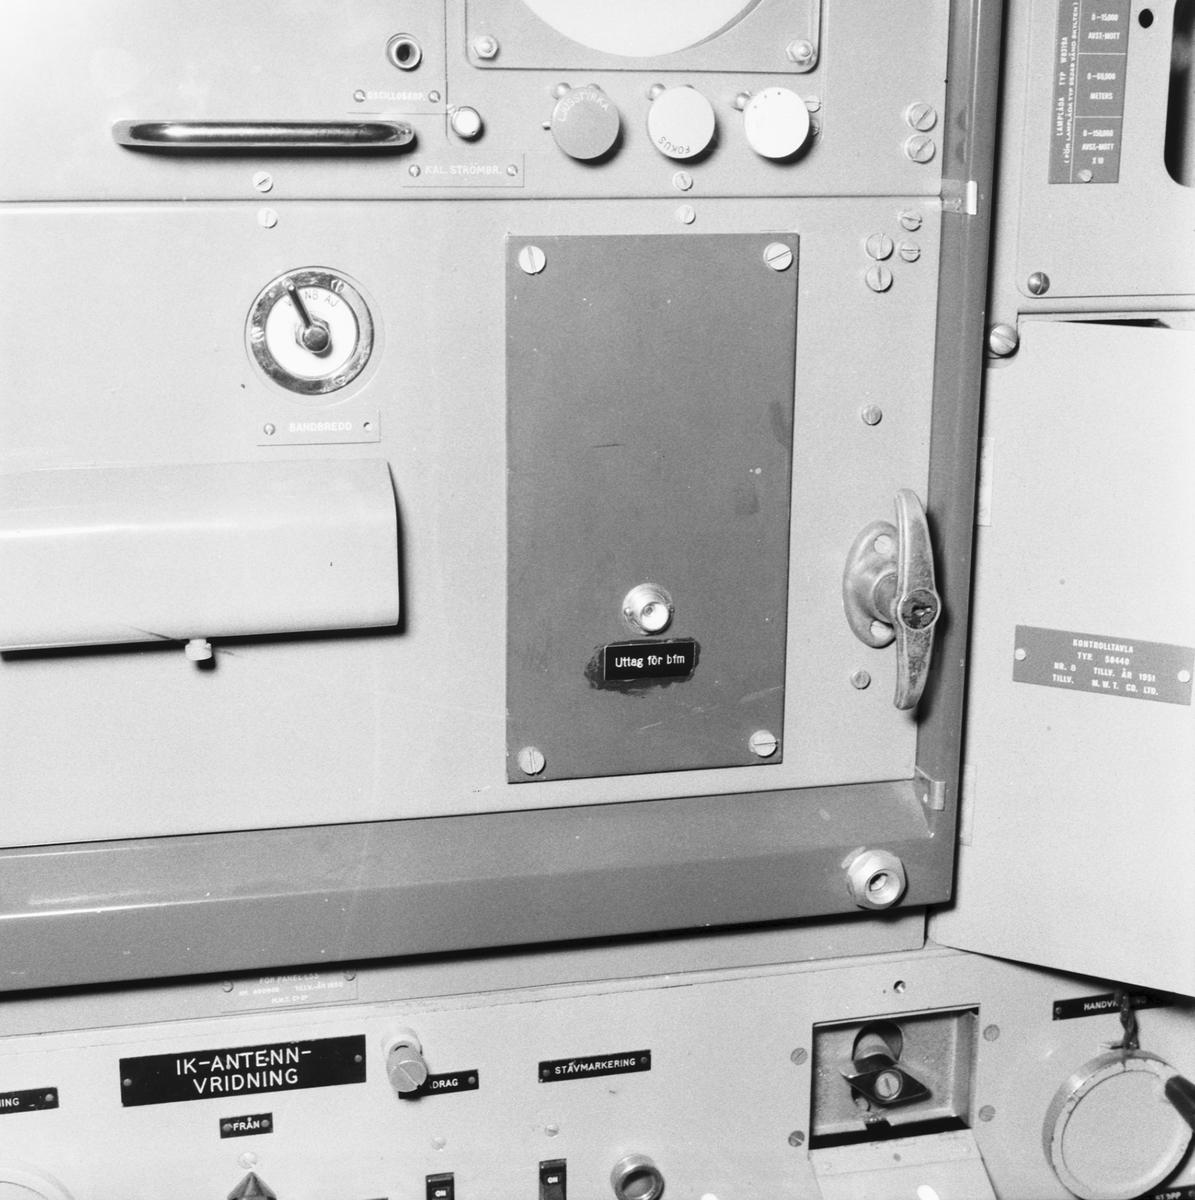 Fartyg: J20 Östergötland               Bredd över allt 11.2 meter Längd över allt 107.0 meter  Rederi: Kungliga Flottan, Marinen Byggår: 1956 Varv: Götaverken, Göteborgs MV Övrigt: Mätinstrument för radar.